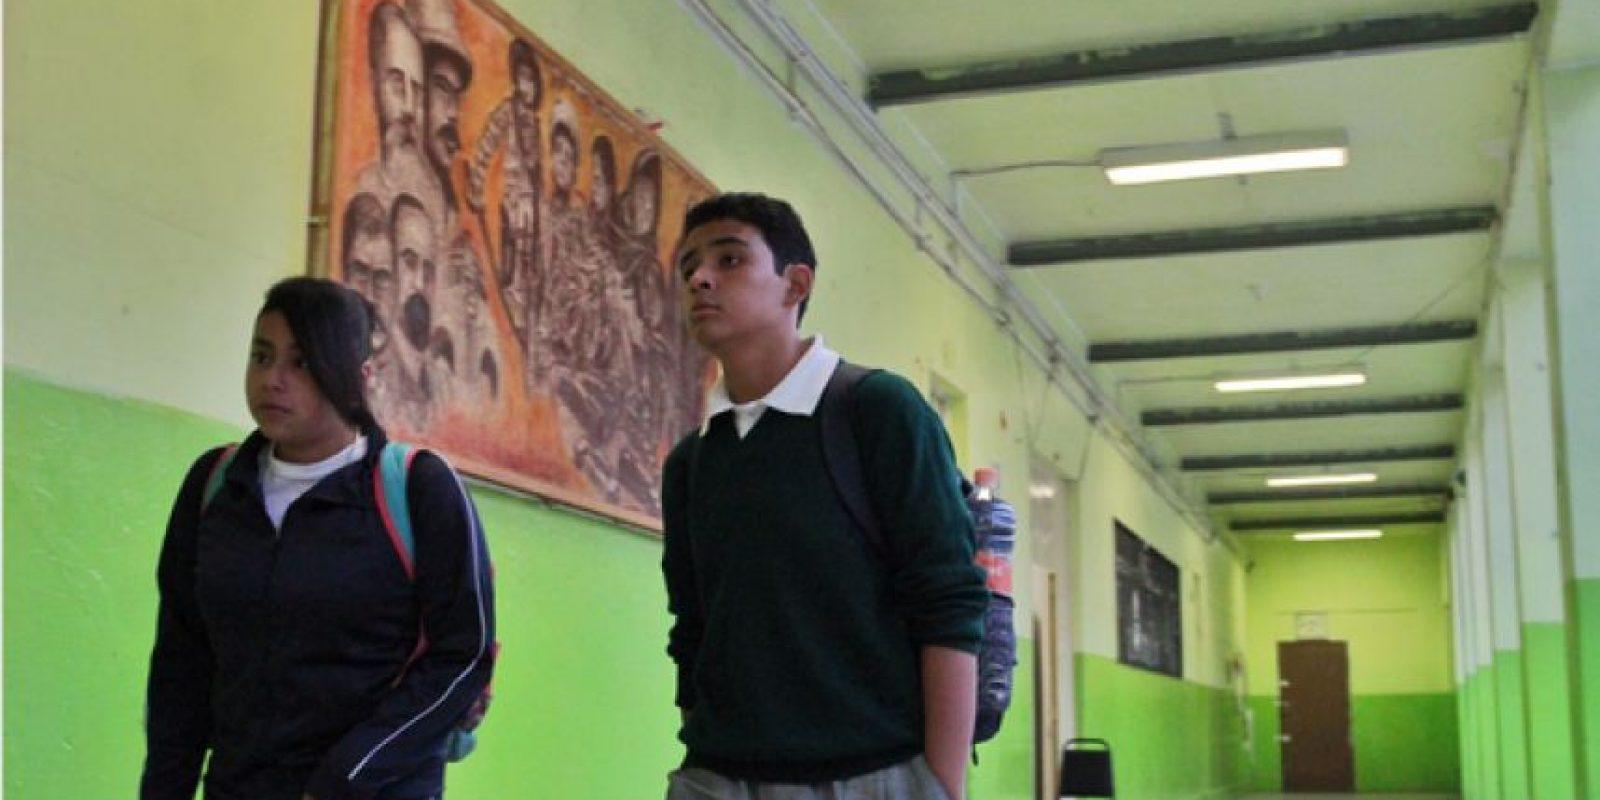 Las actividades al aire libre están permitidas en las escuelas de la Ciudad de México. pasillos Foto:Cuartoscuro